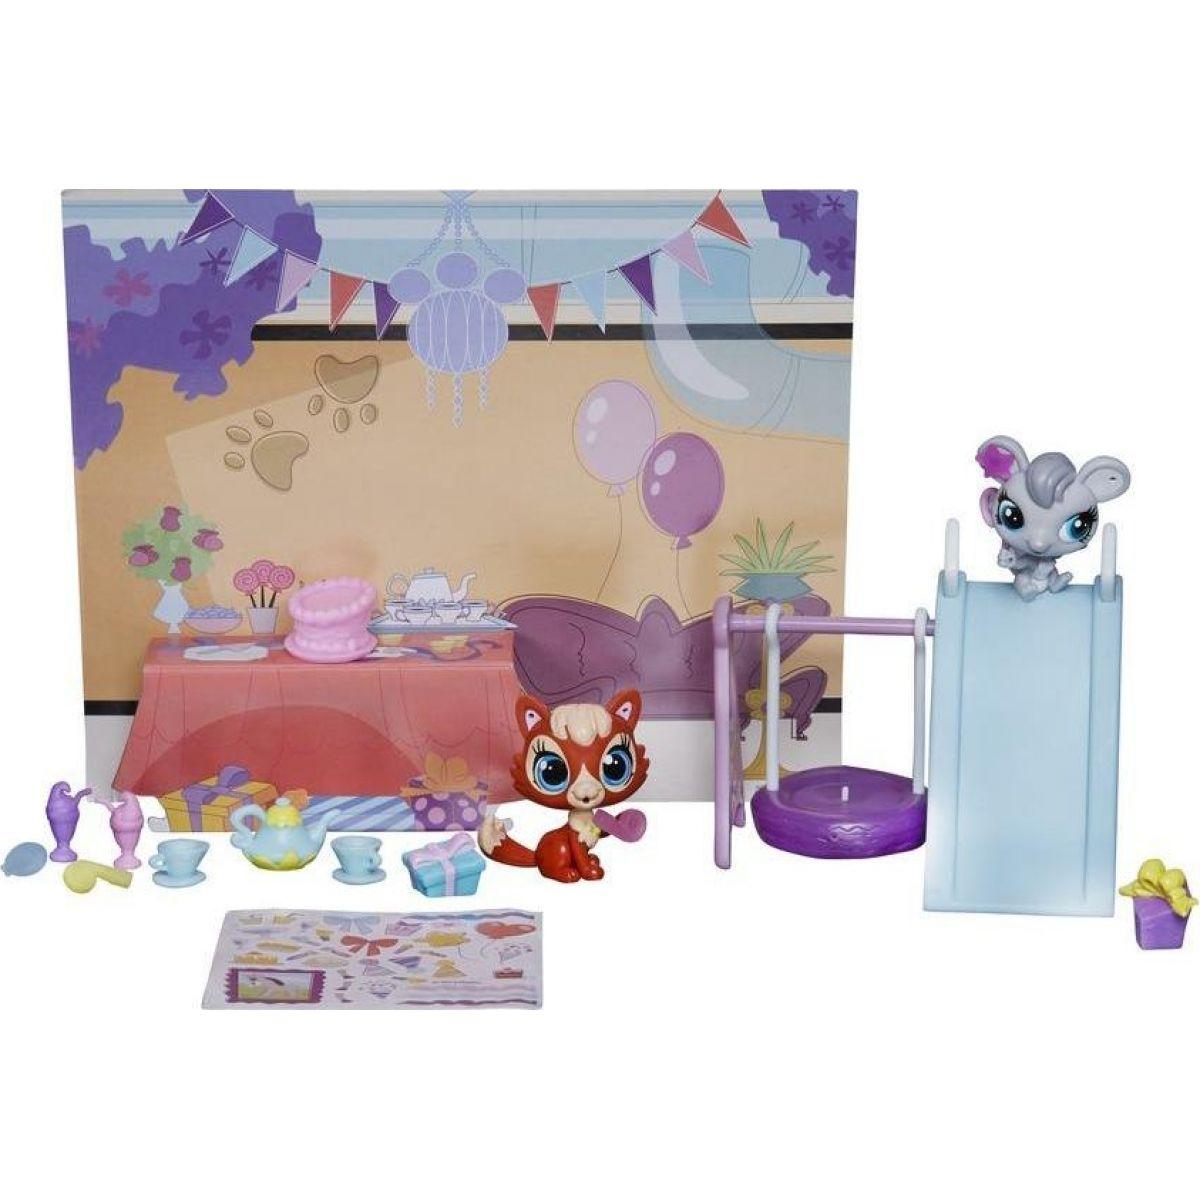 Littlest Pet Shop Zvířátko s doplňky do domečku A7642 - Pet Party